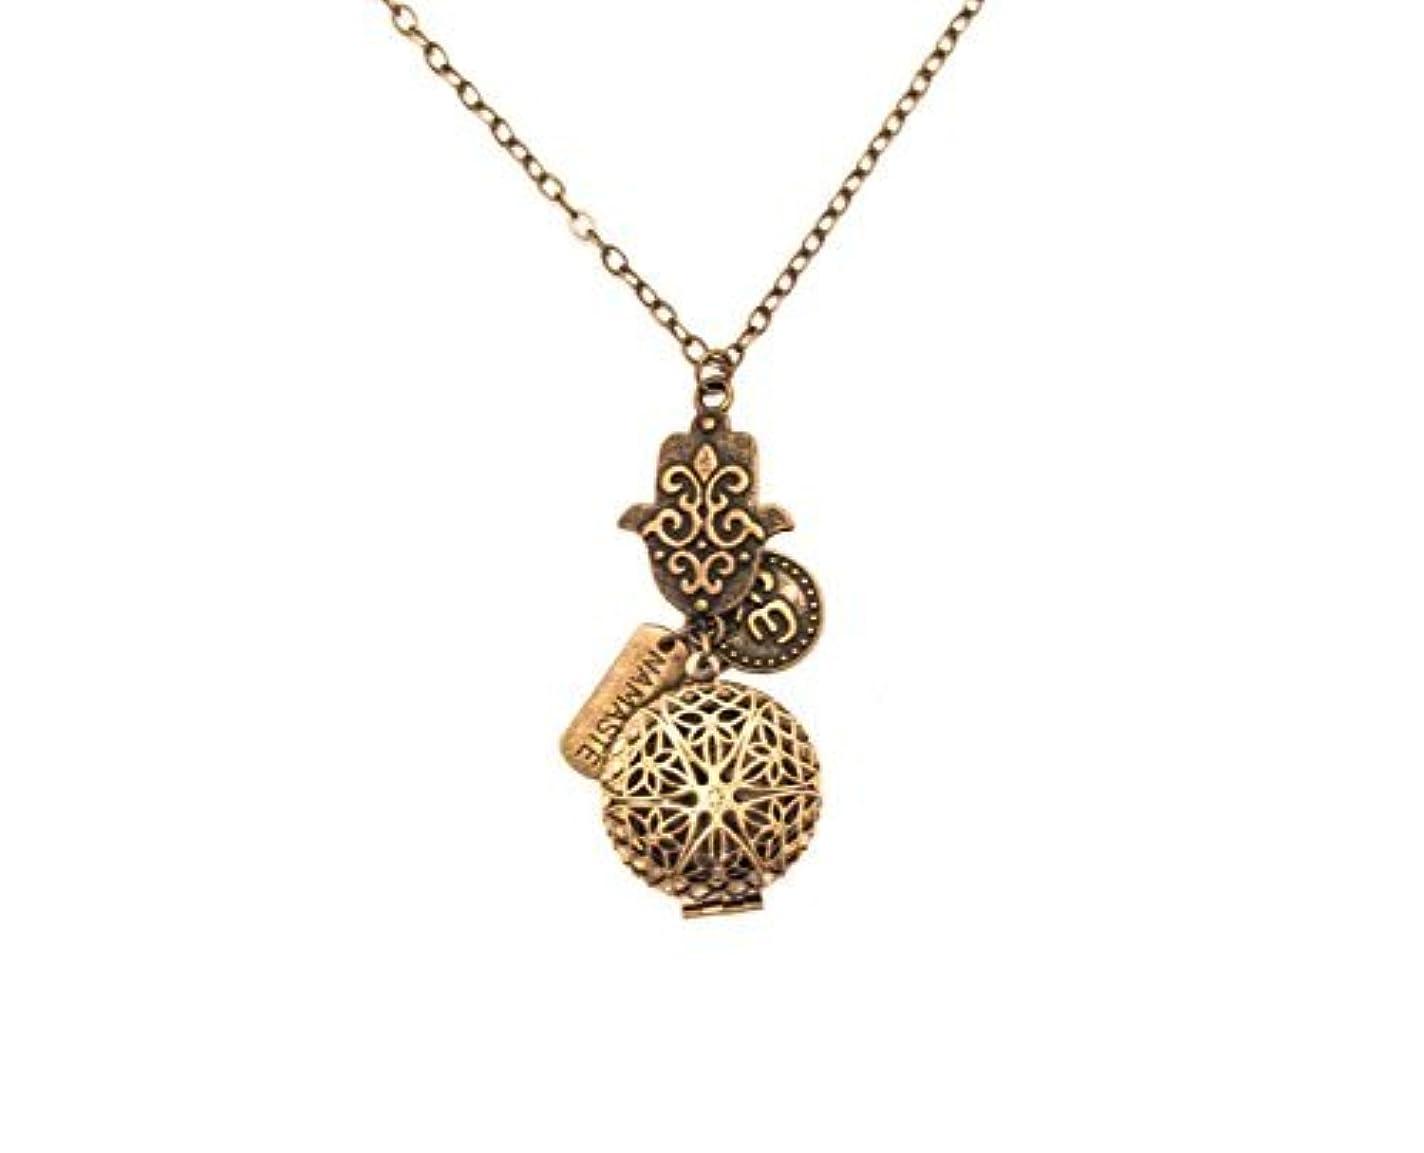 サラダまばたき契約するHamsa Namaste and Om Bronze-tone Brass Tone Charms Aromatherapy Necklace Essential Oil Diffuser Locket Pendant...